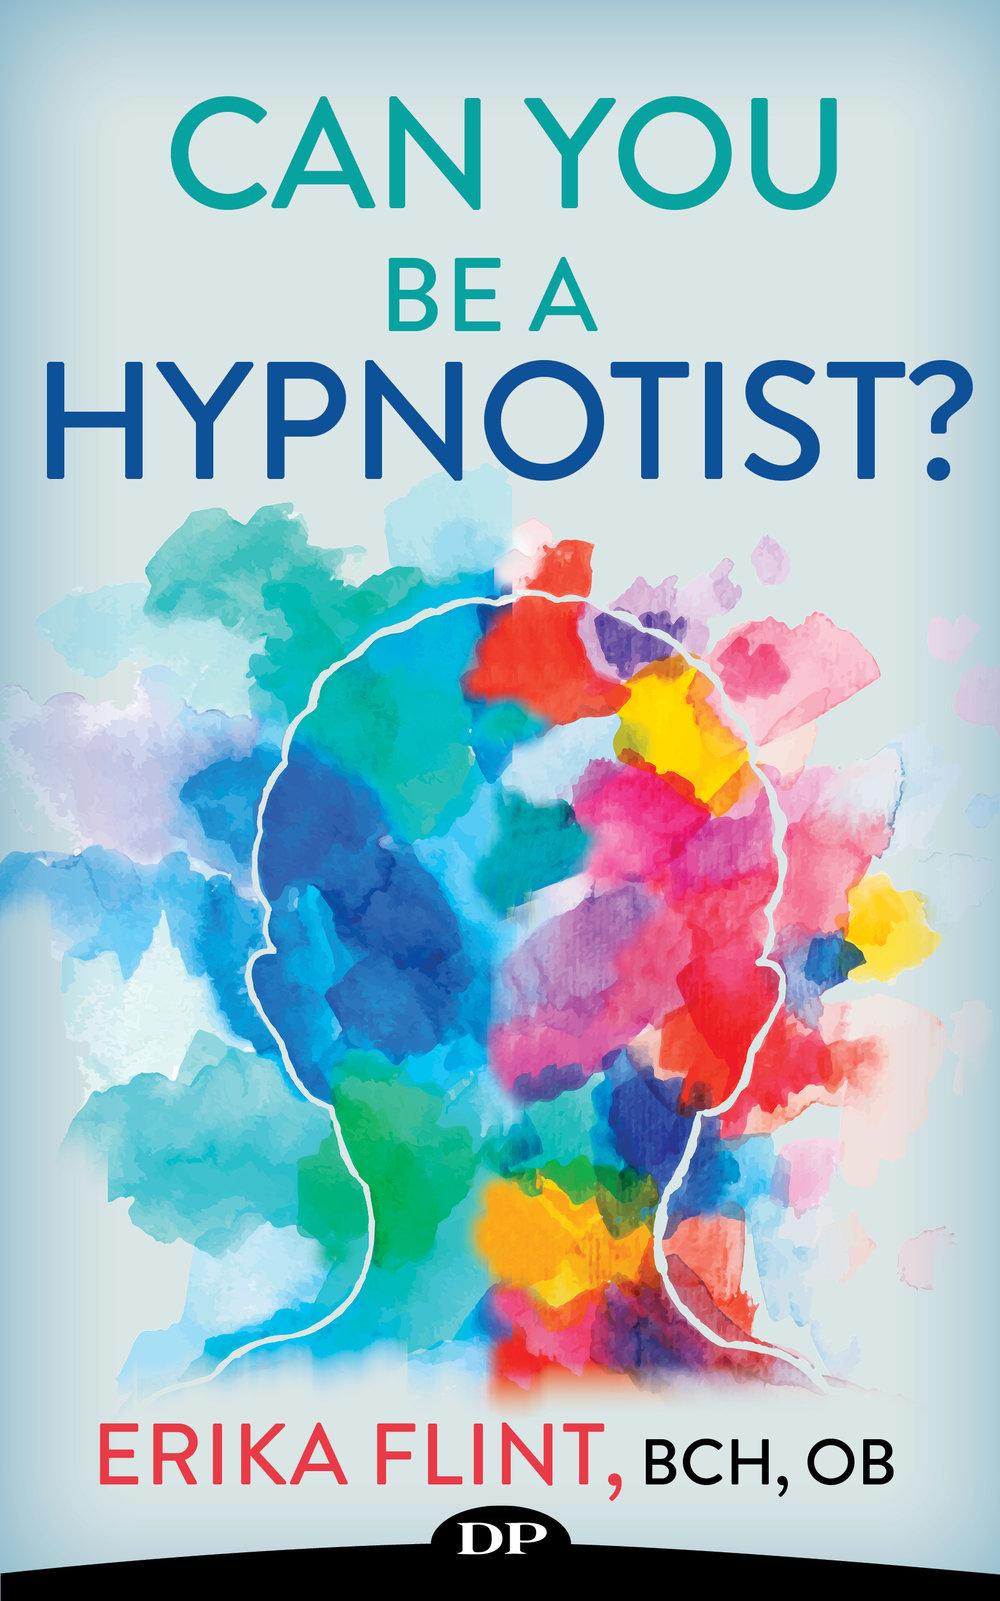 Flint_Can You Be a Hypnotist_EBK_FINAL.jpg